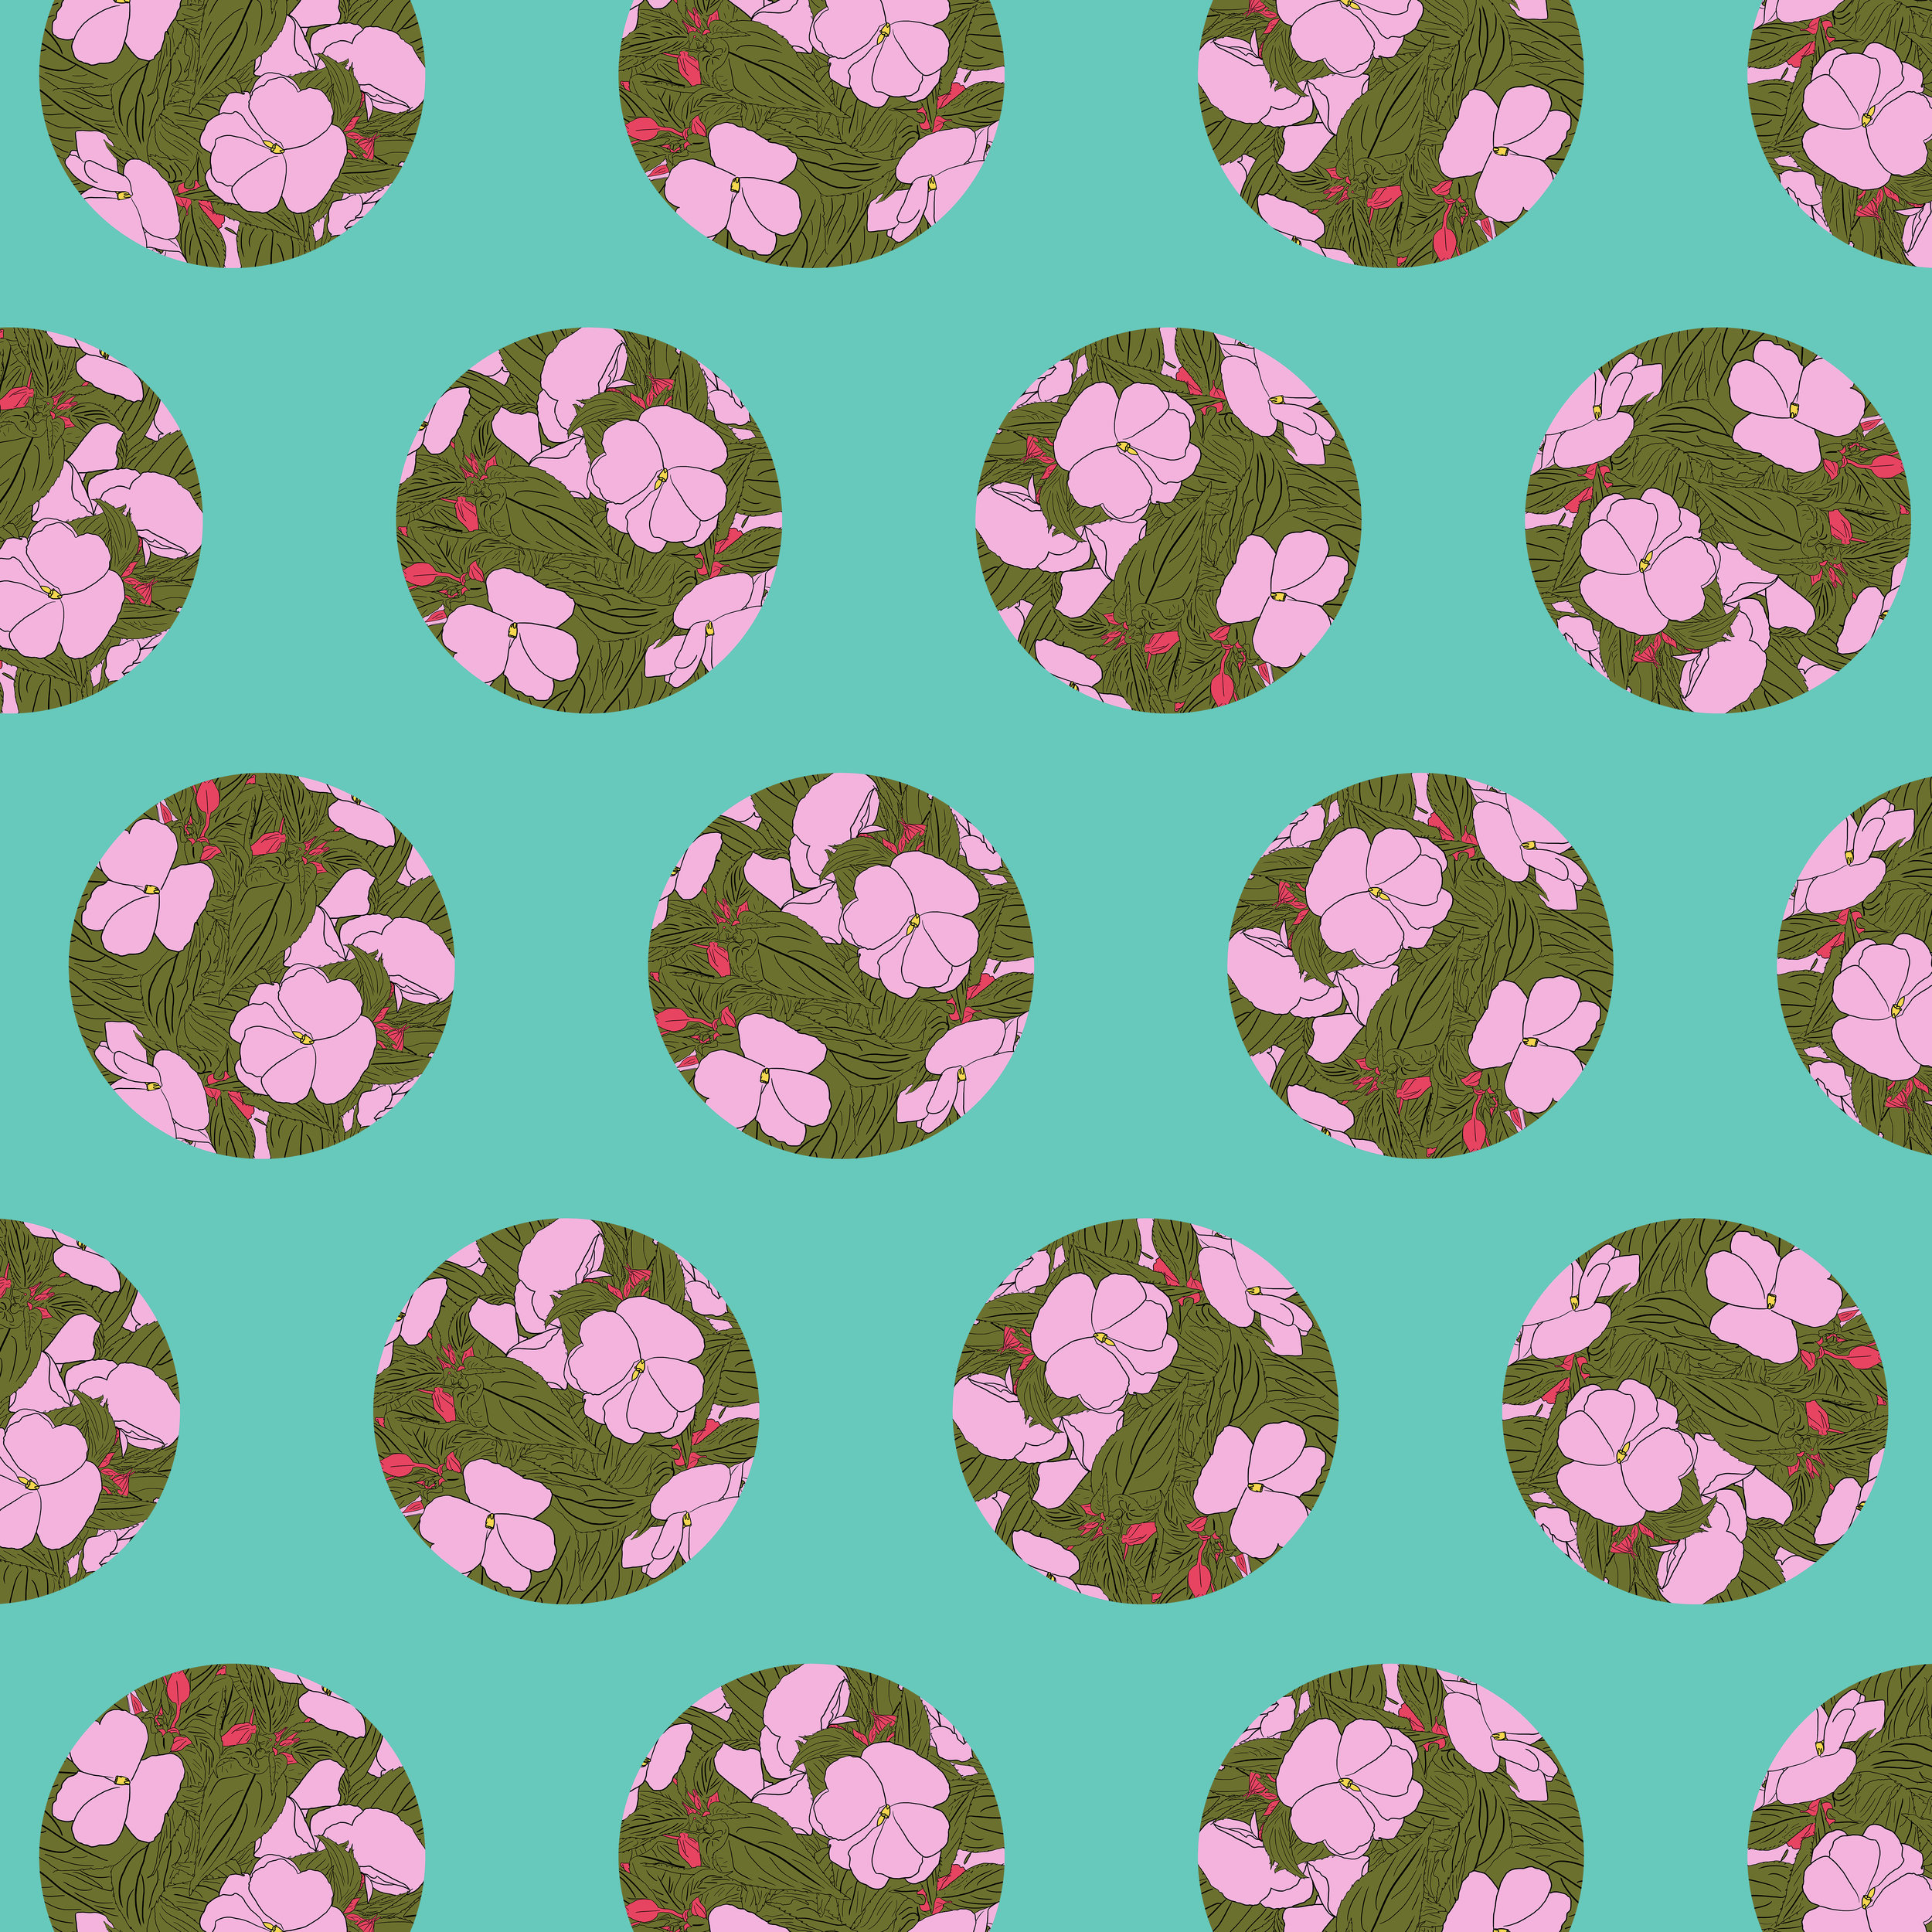 27_Flowers.jpg